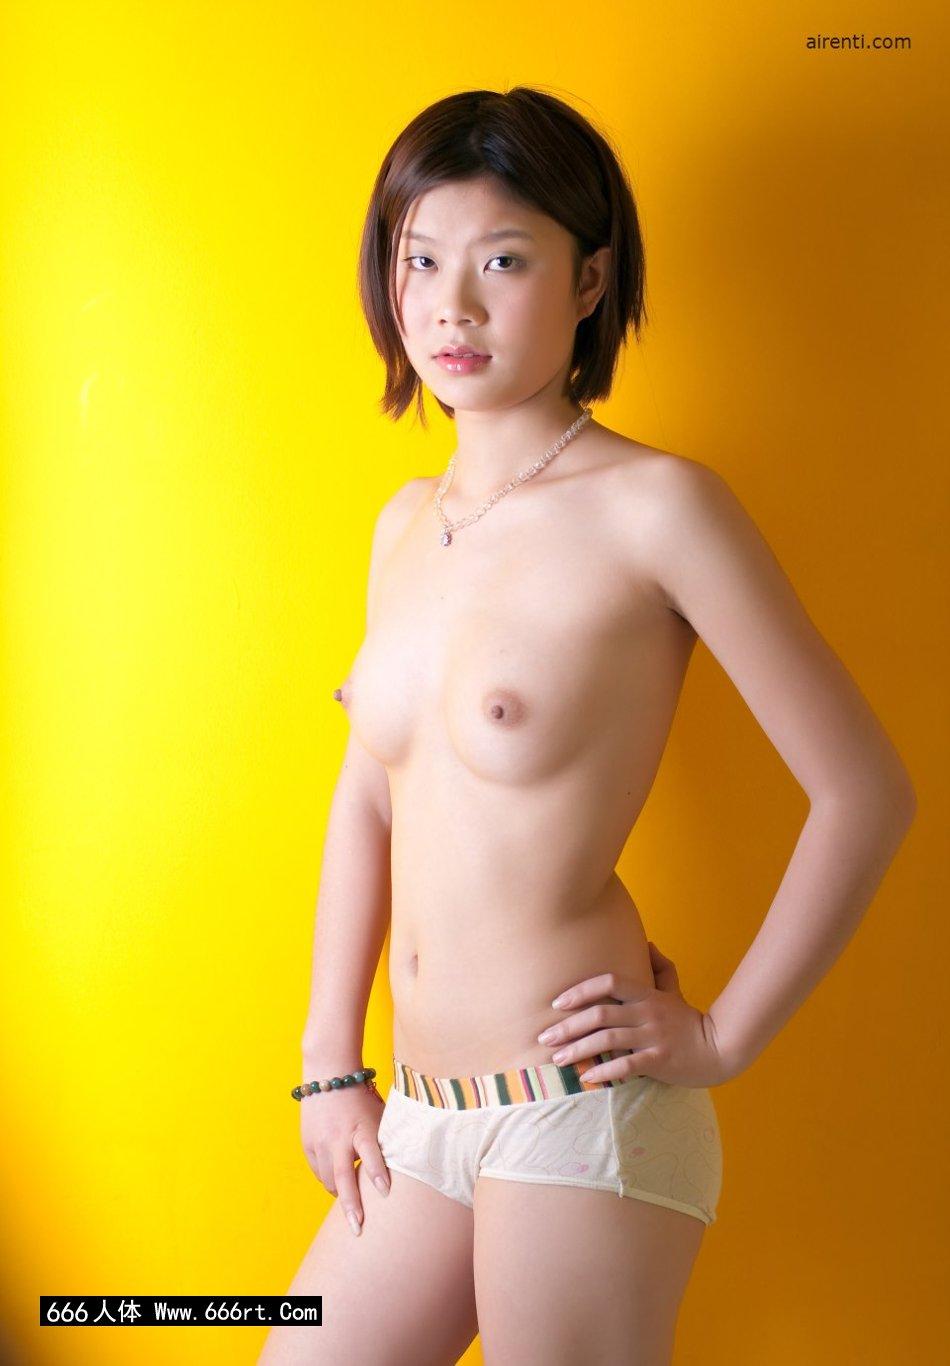 黄色背景棚拍穿着泳装的宋蕊_艾栗栗西西人体